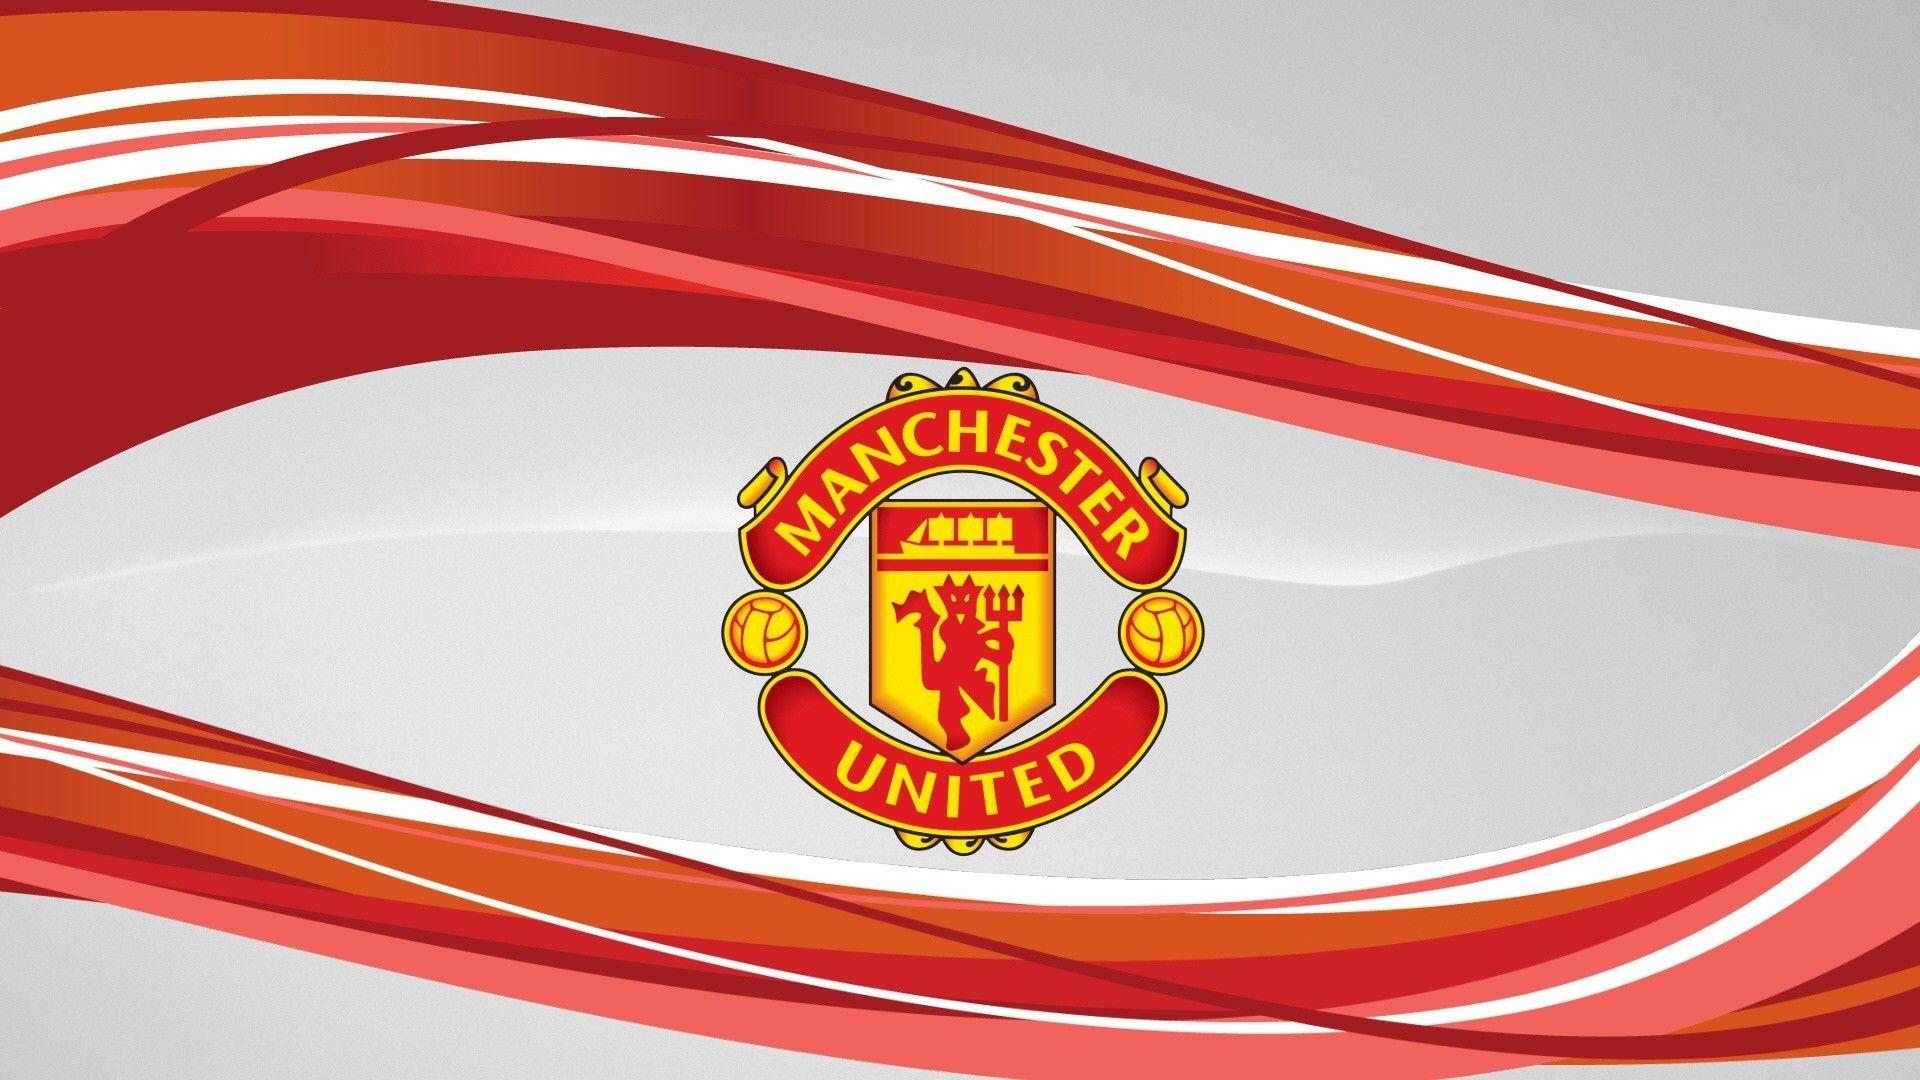 Wallpaper Desktop Manchester United HD